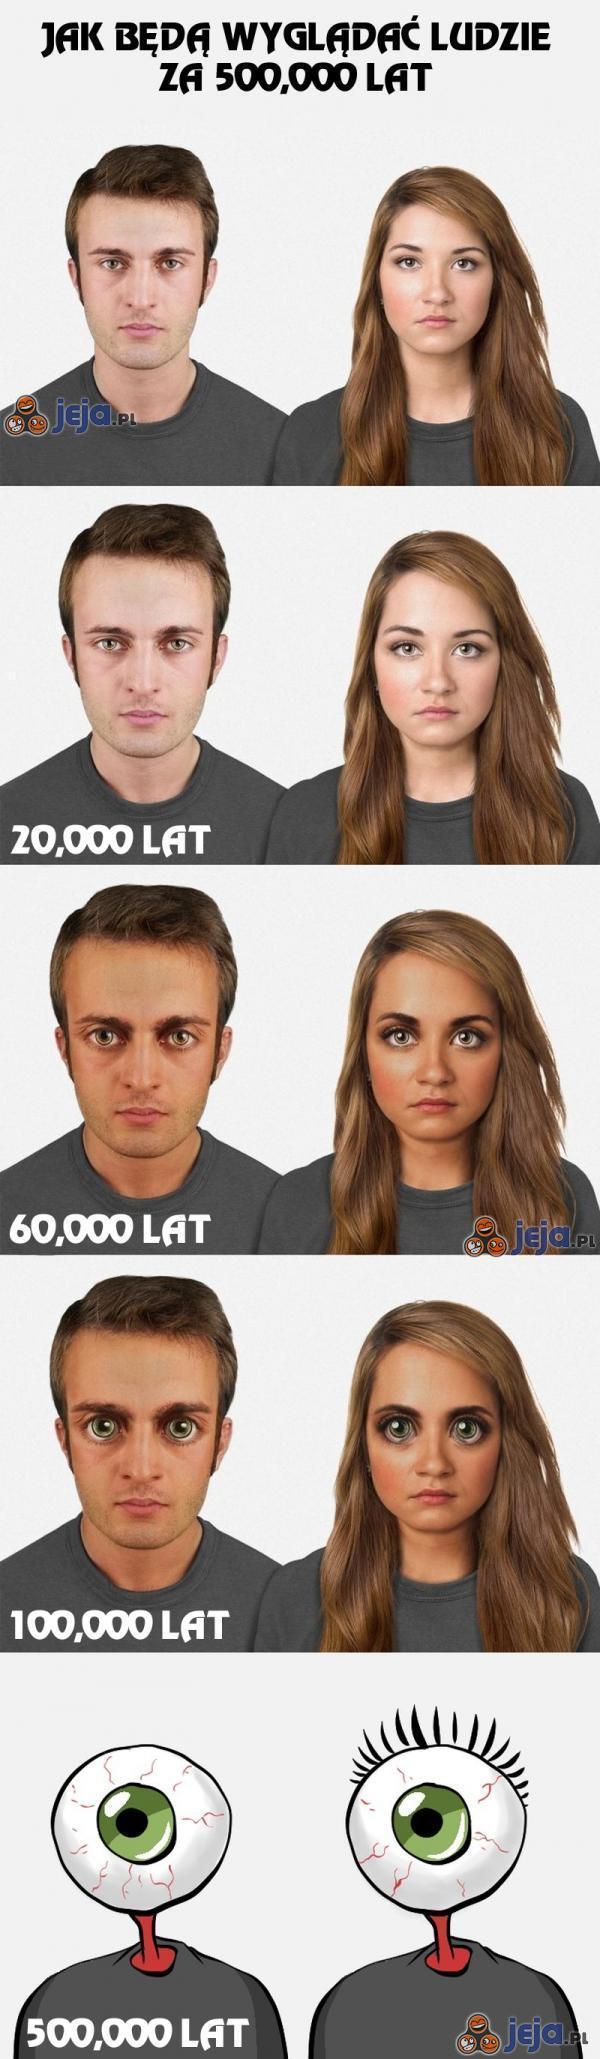 Jak będziemy wyglądać za pół miliona lat